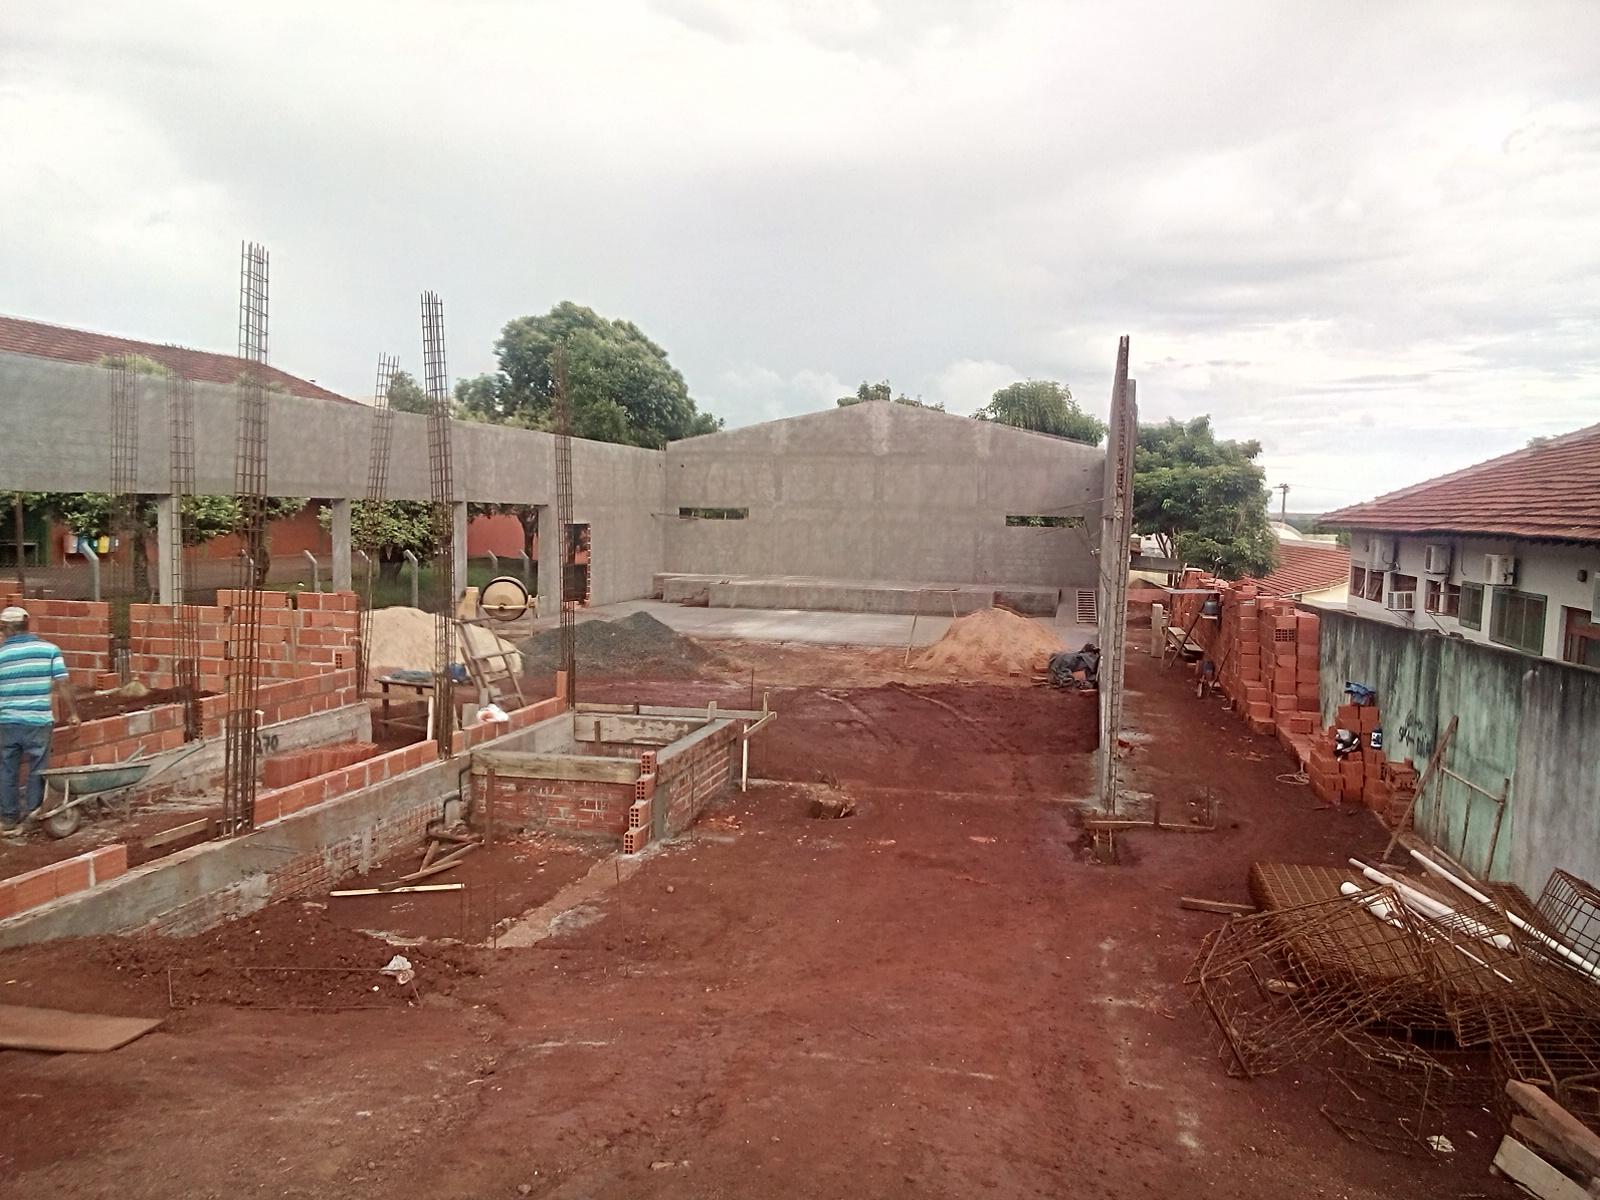 SalaoEventos-Tacredo-11Mar16 (3)